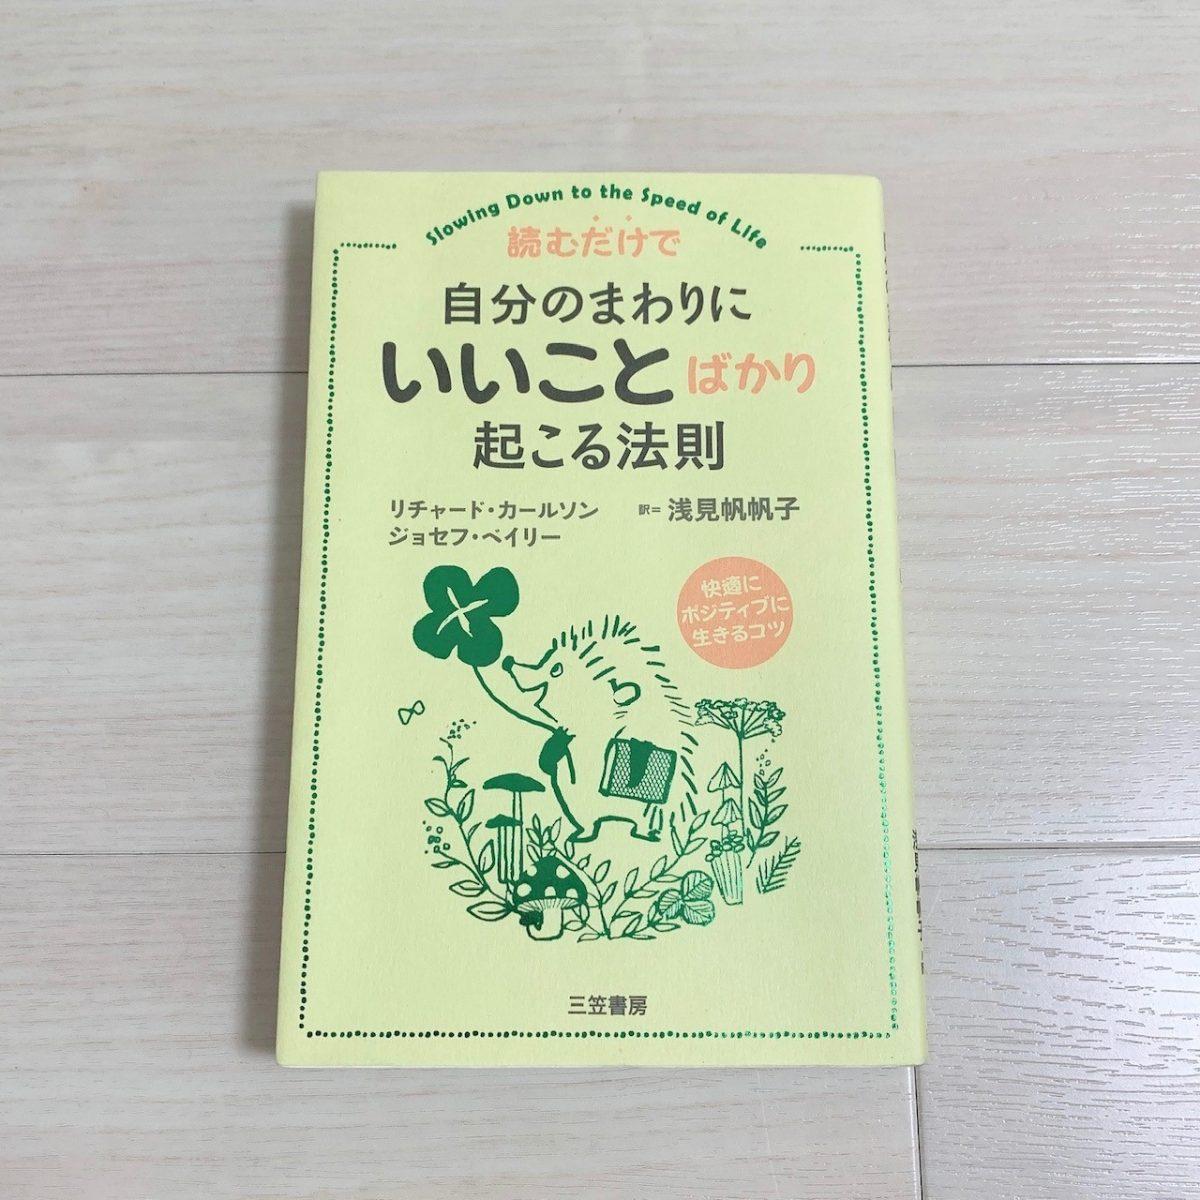 読むだけで自分のまわりにいいことばかり起こる法則という幸せの本を読みました